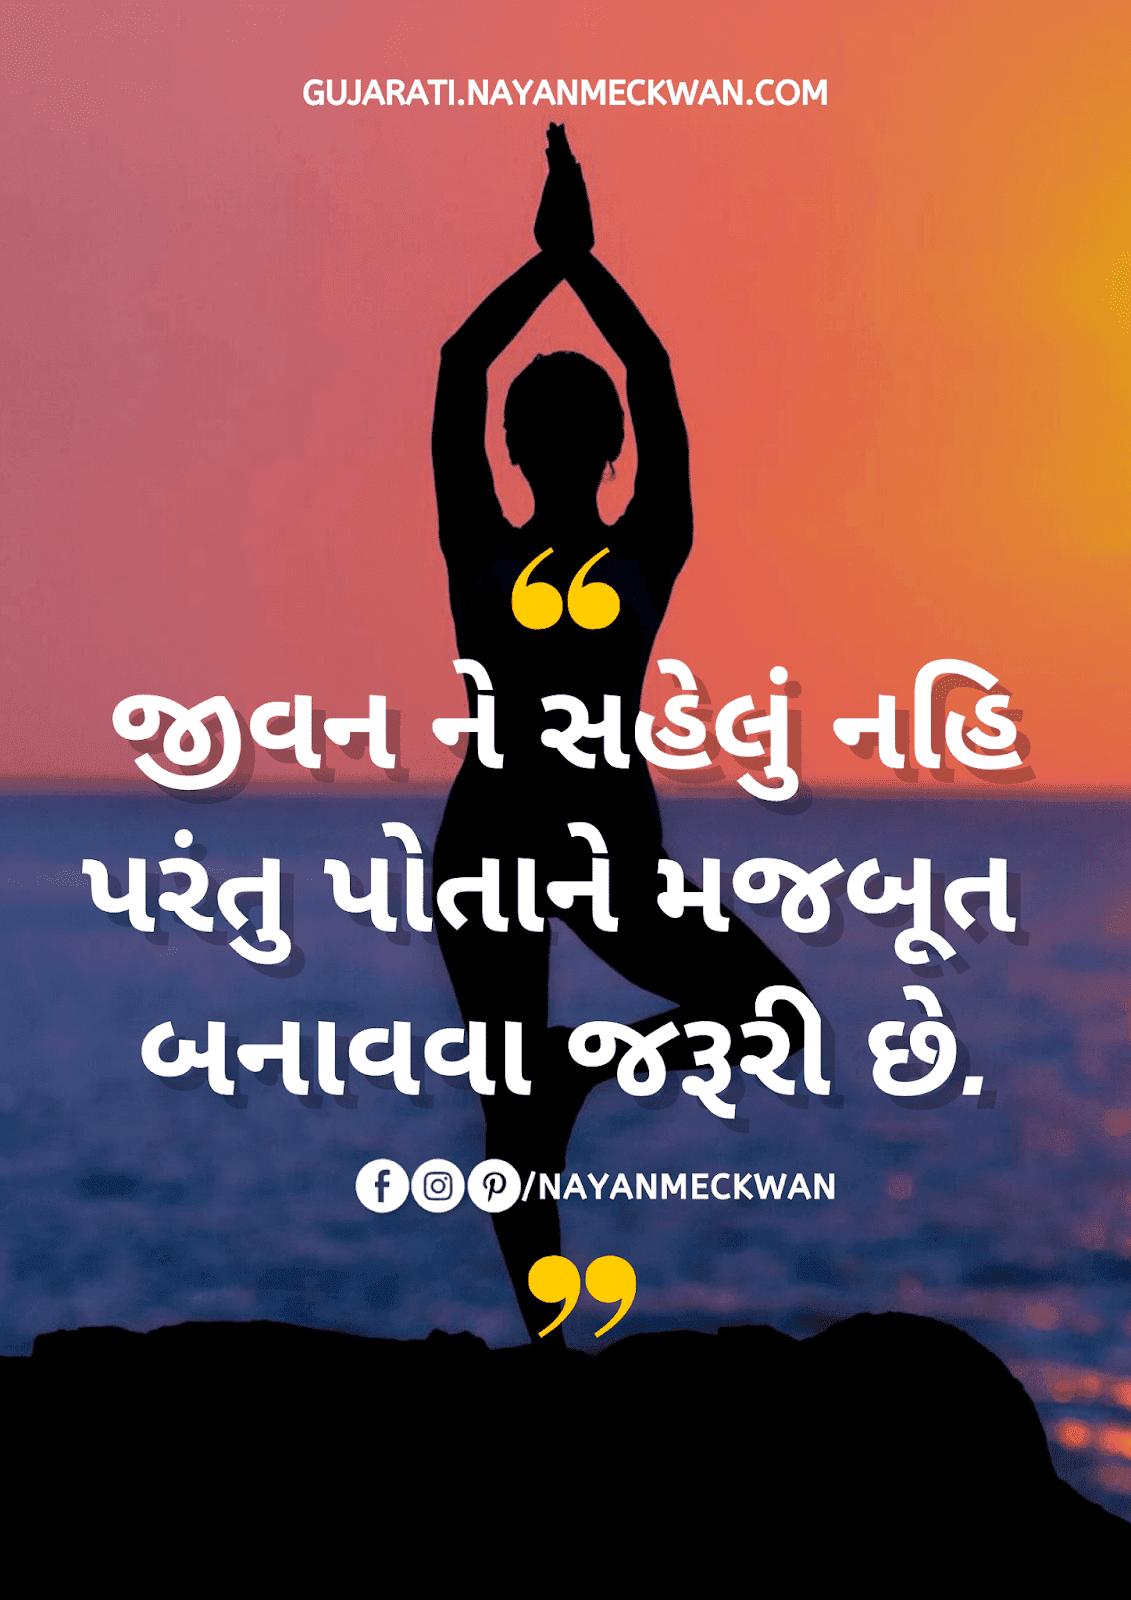 જીવન ગુજરાતી સુવિચાર । Gujarati quotes on life